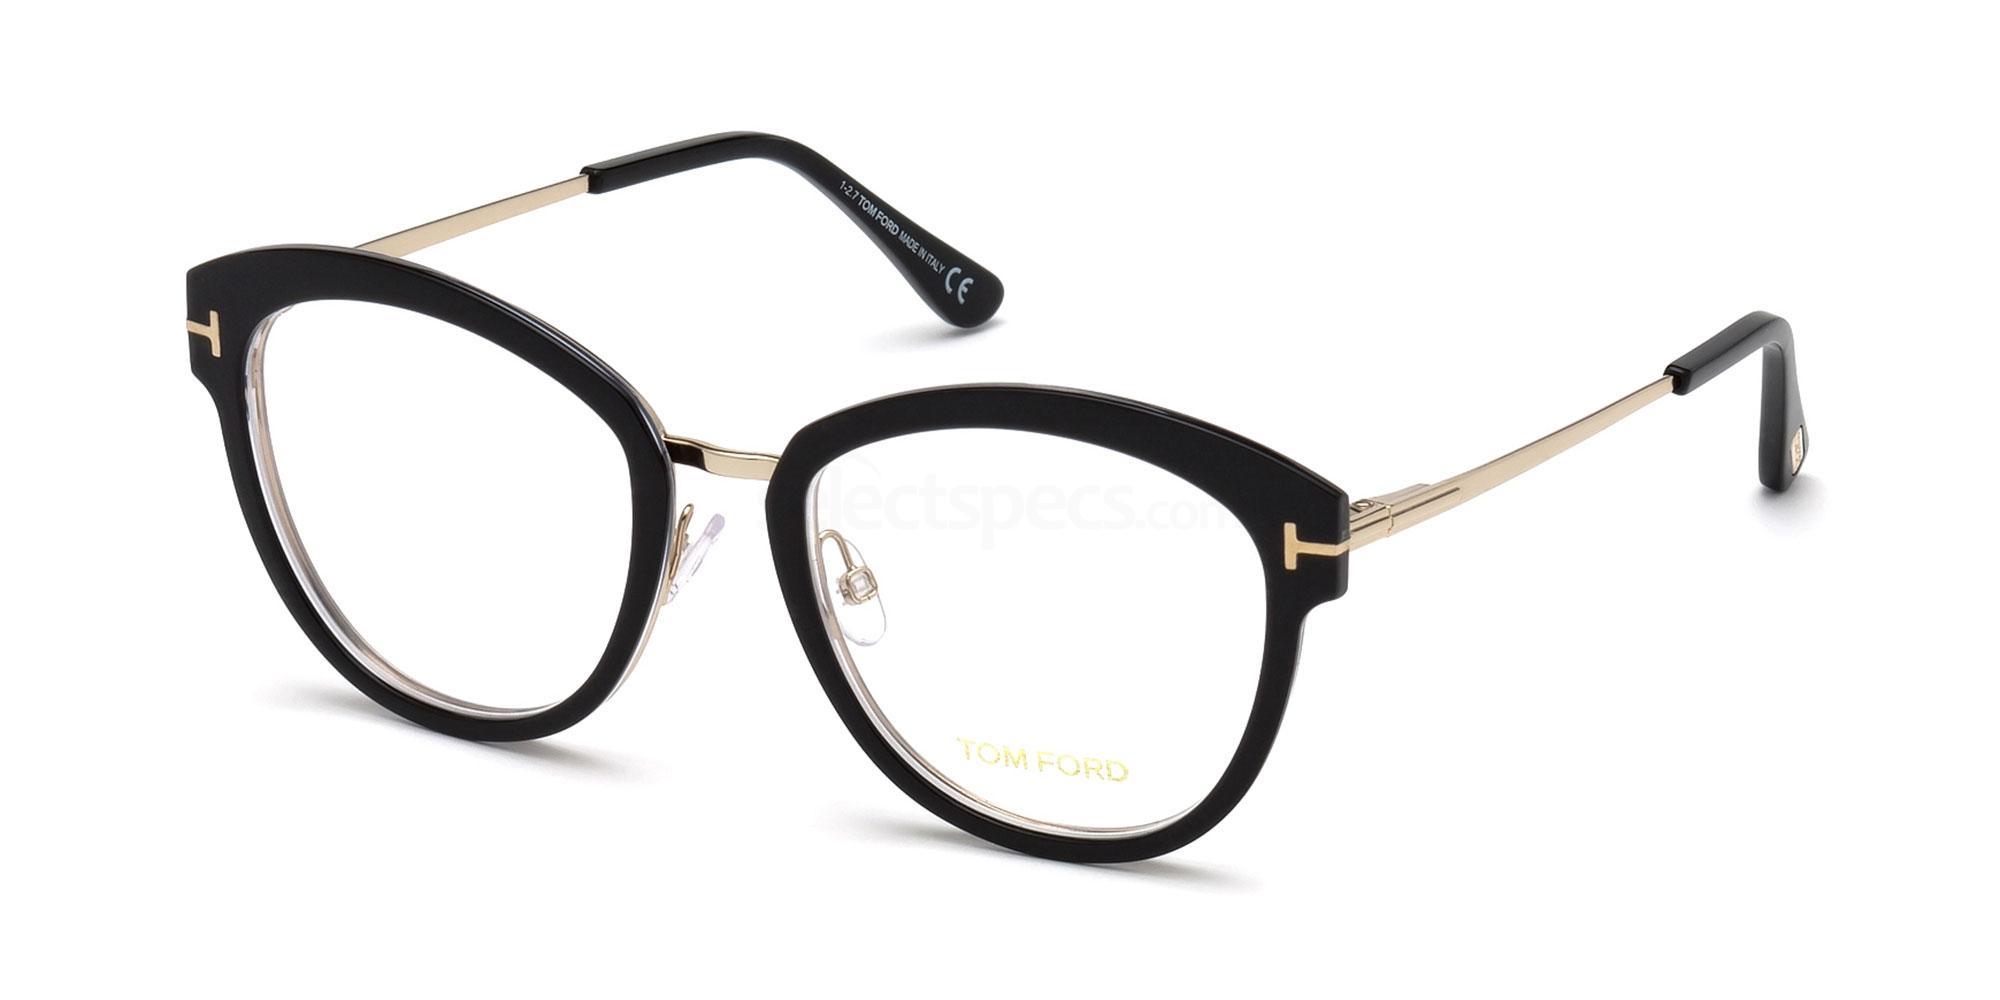 003 FT5508 Glasses, Tom Ford